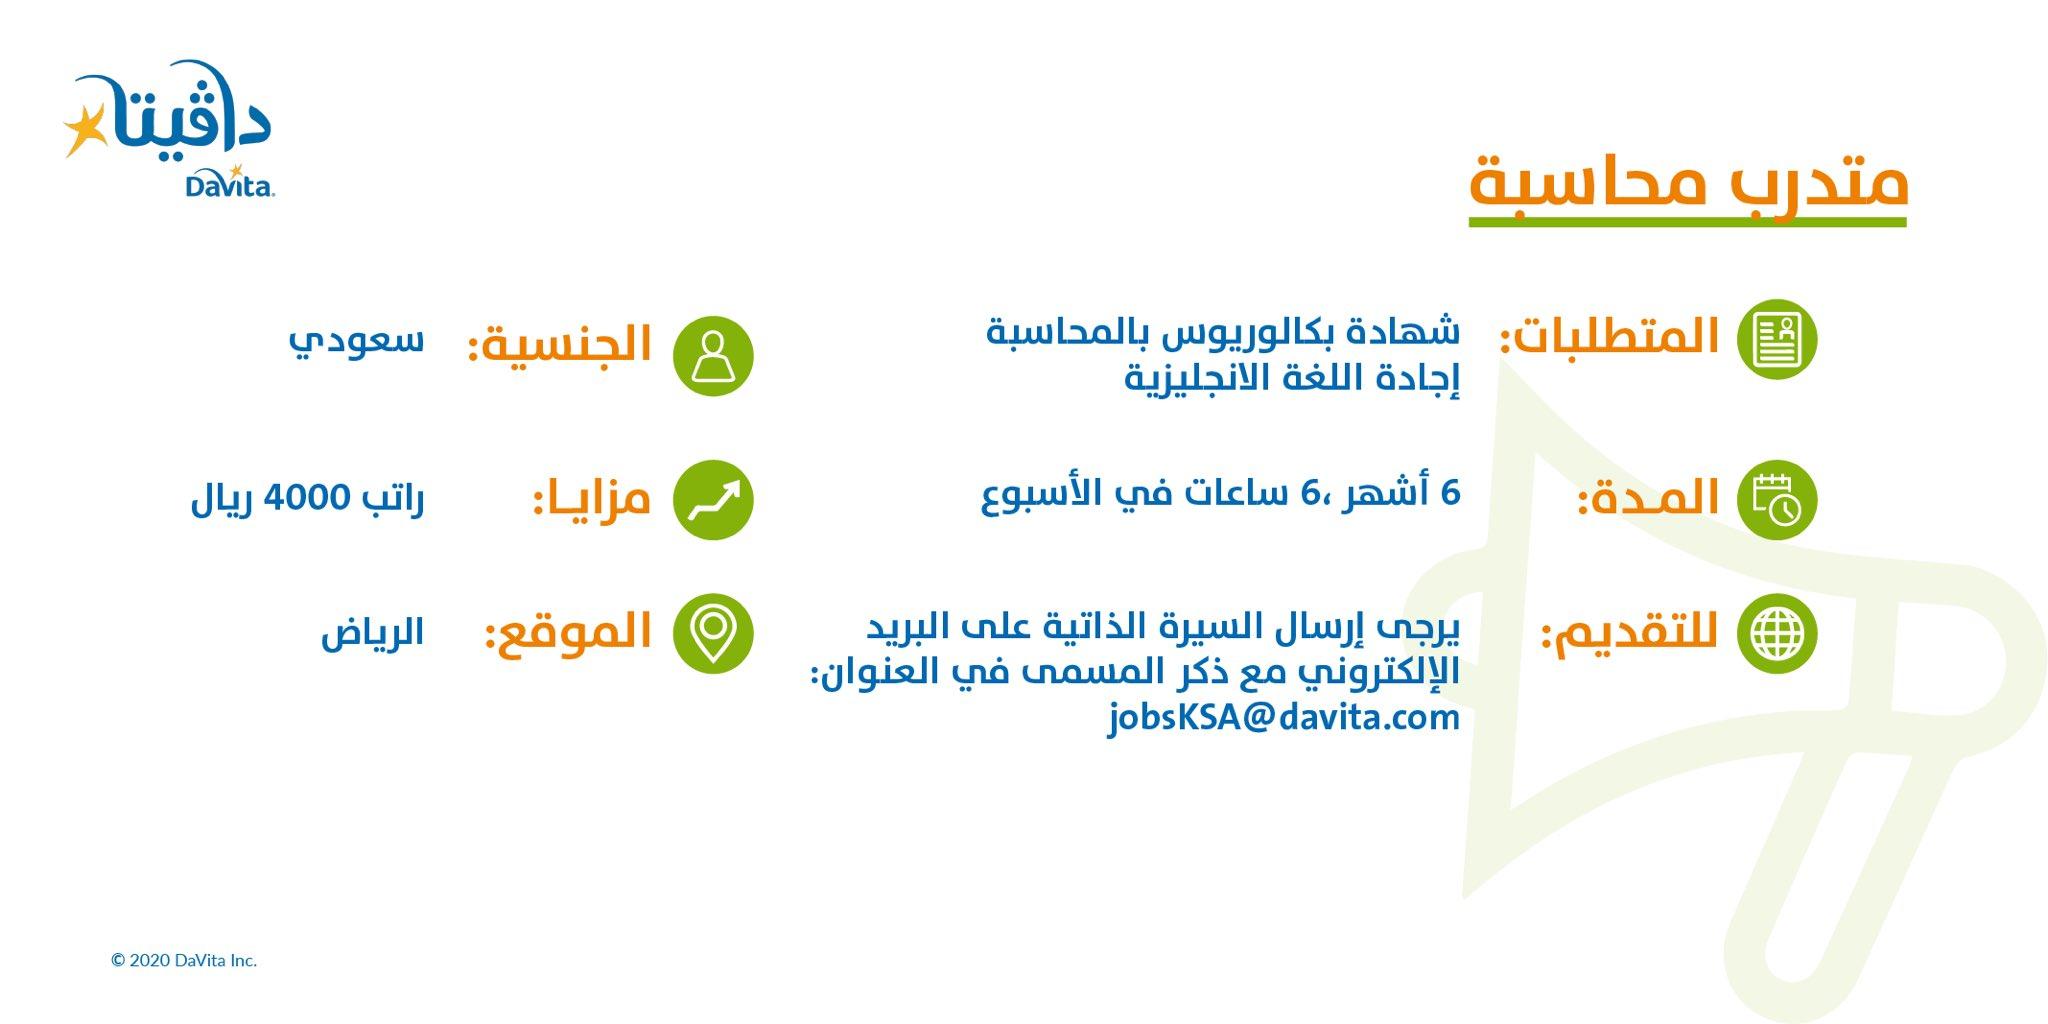 تعلن شركة #دافيتا_السعودية عن وظائف شاغرة في #الرياض   - متدرب محاسبة   • سعودى  • بكالوريوس محاسبة و إجادة اللغة الانجليزية  • المدة ٦ اشهر - ٦ ساعات في الأسبوع • الراتب ٤٠٠٠ ريال   #وظائف_الرياض #محاسب #وظائف_شاغرة #الرياض_الان @DaVitaKSA